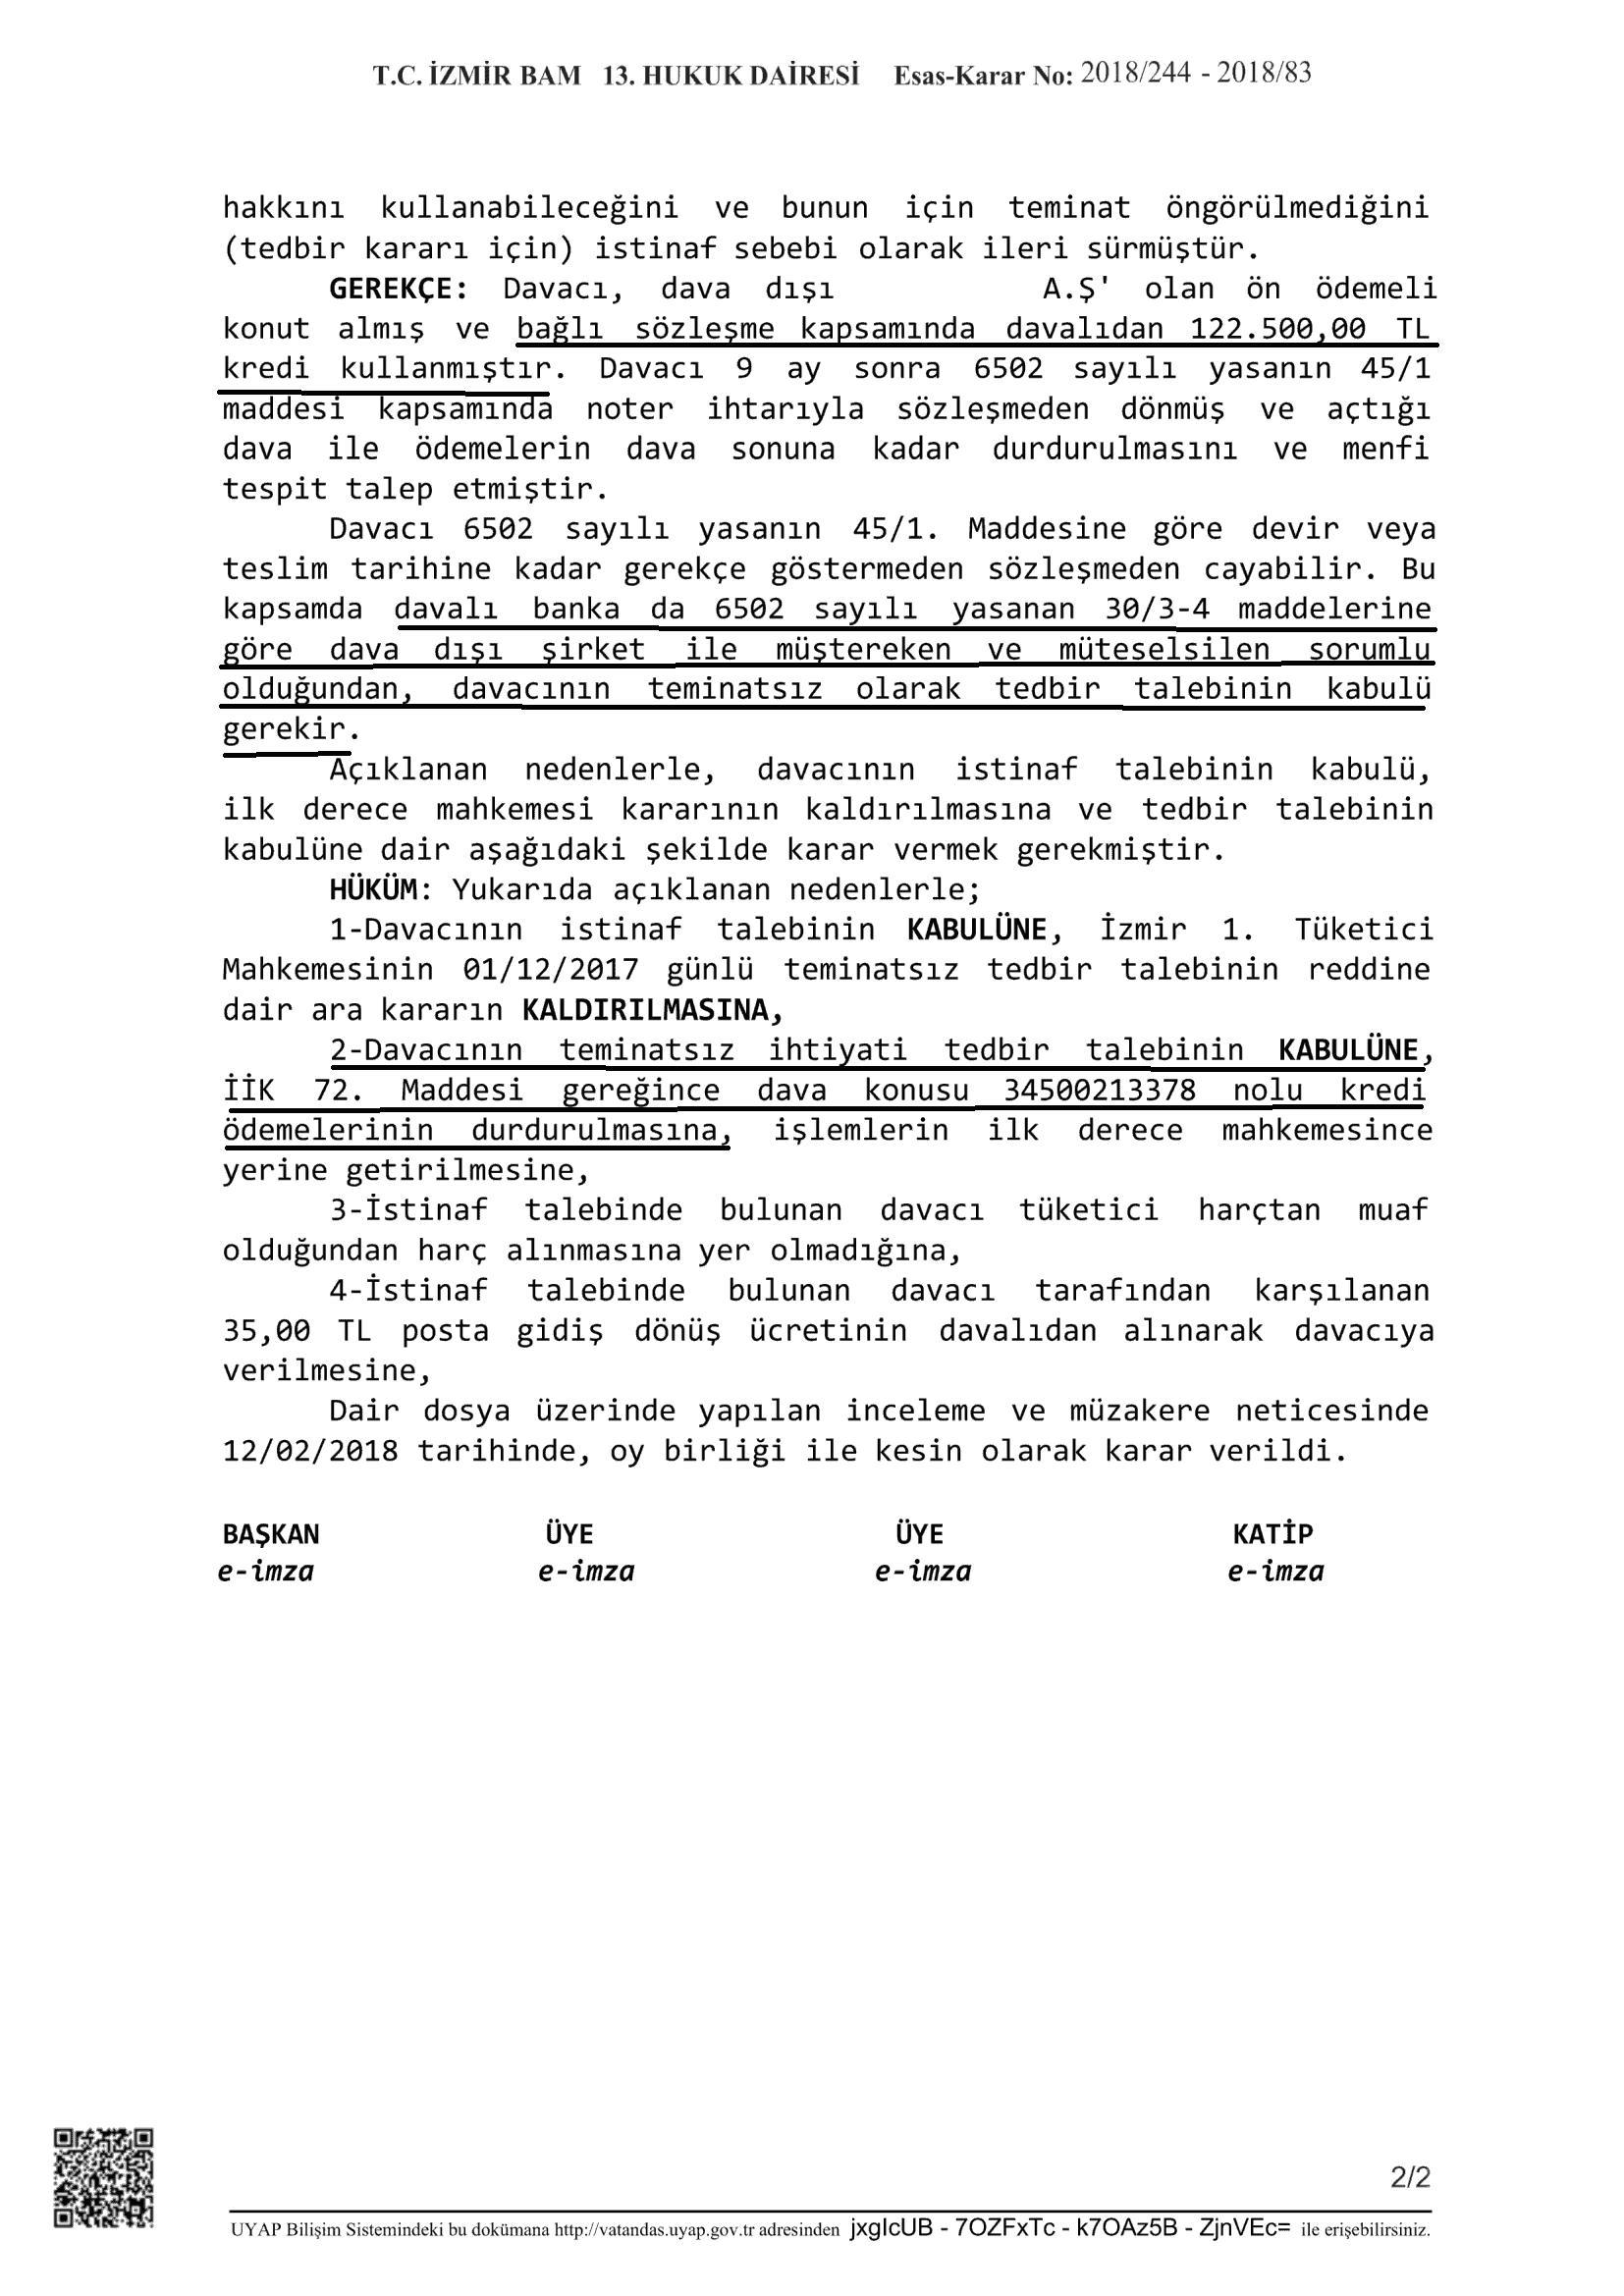 bağlı kredi-menfi tespit-emsal karar-1, 2/2